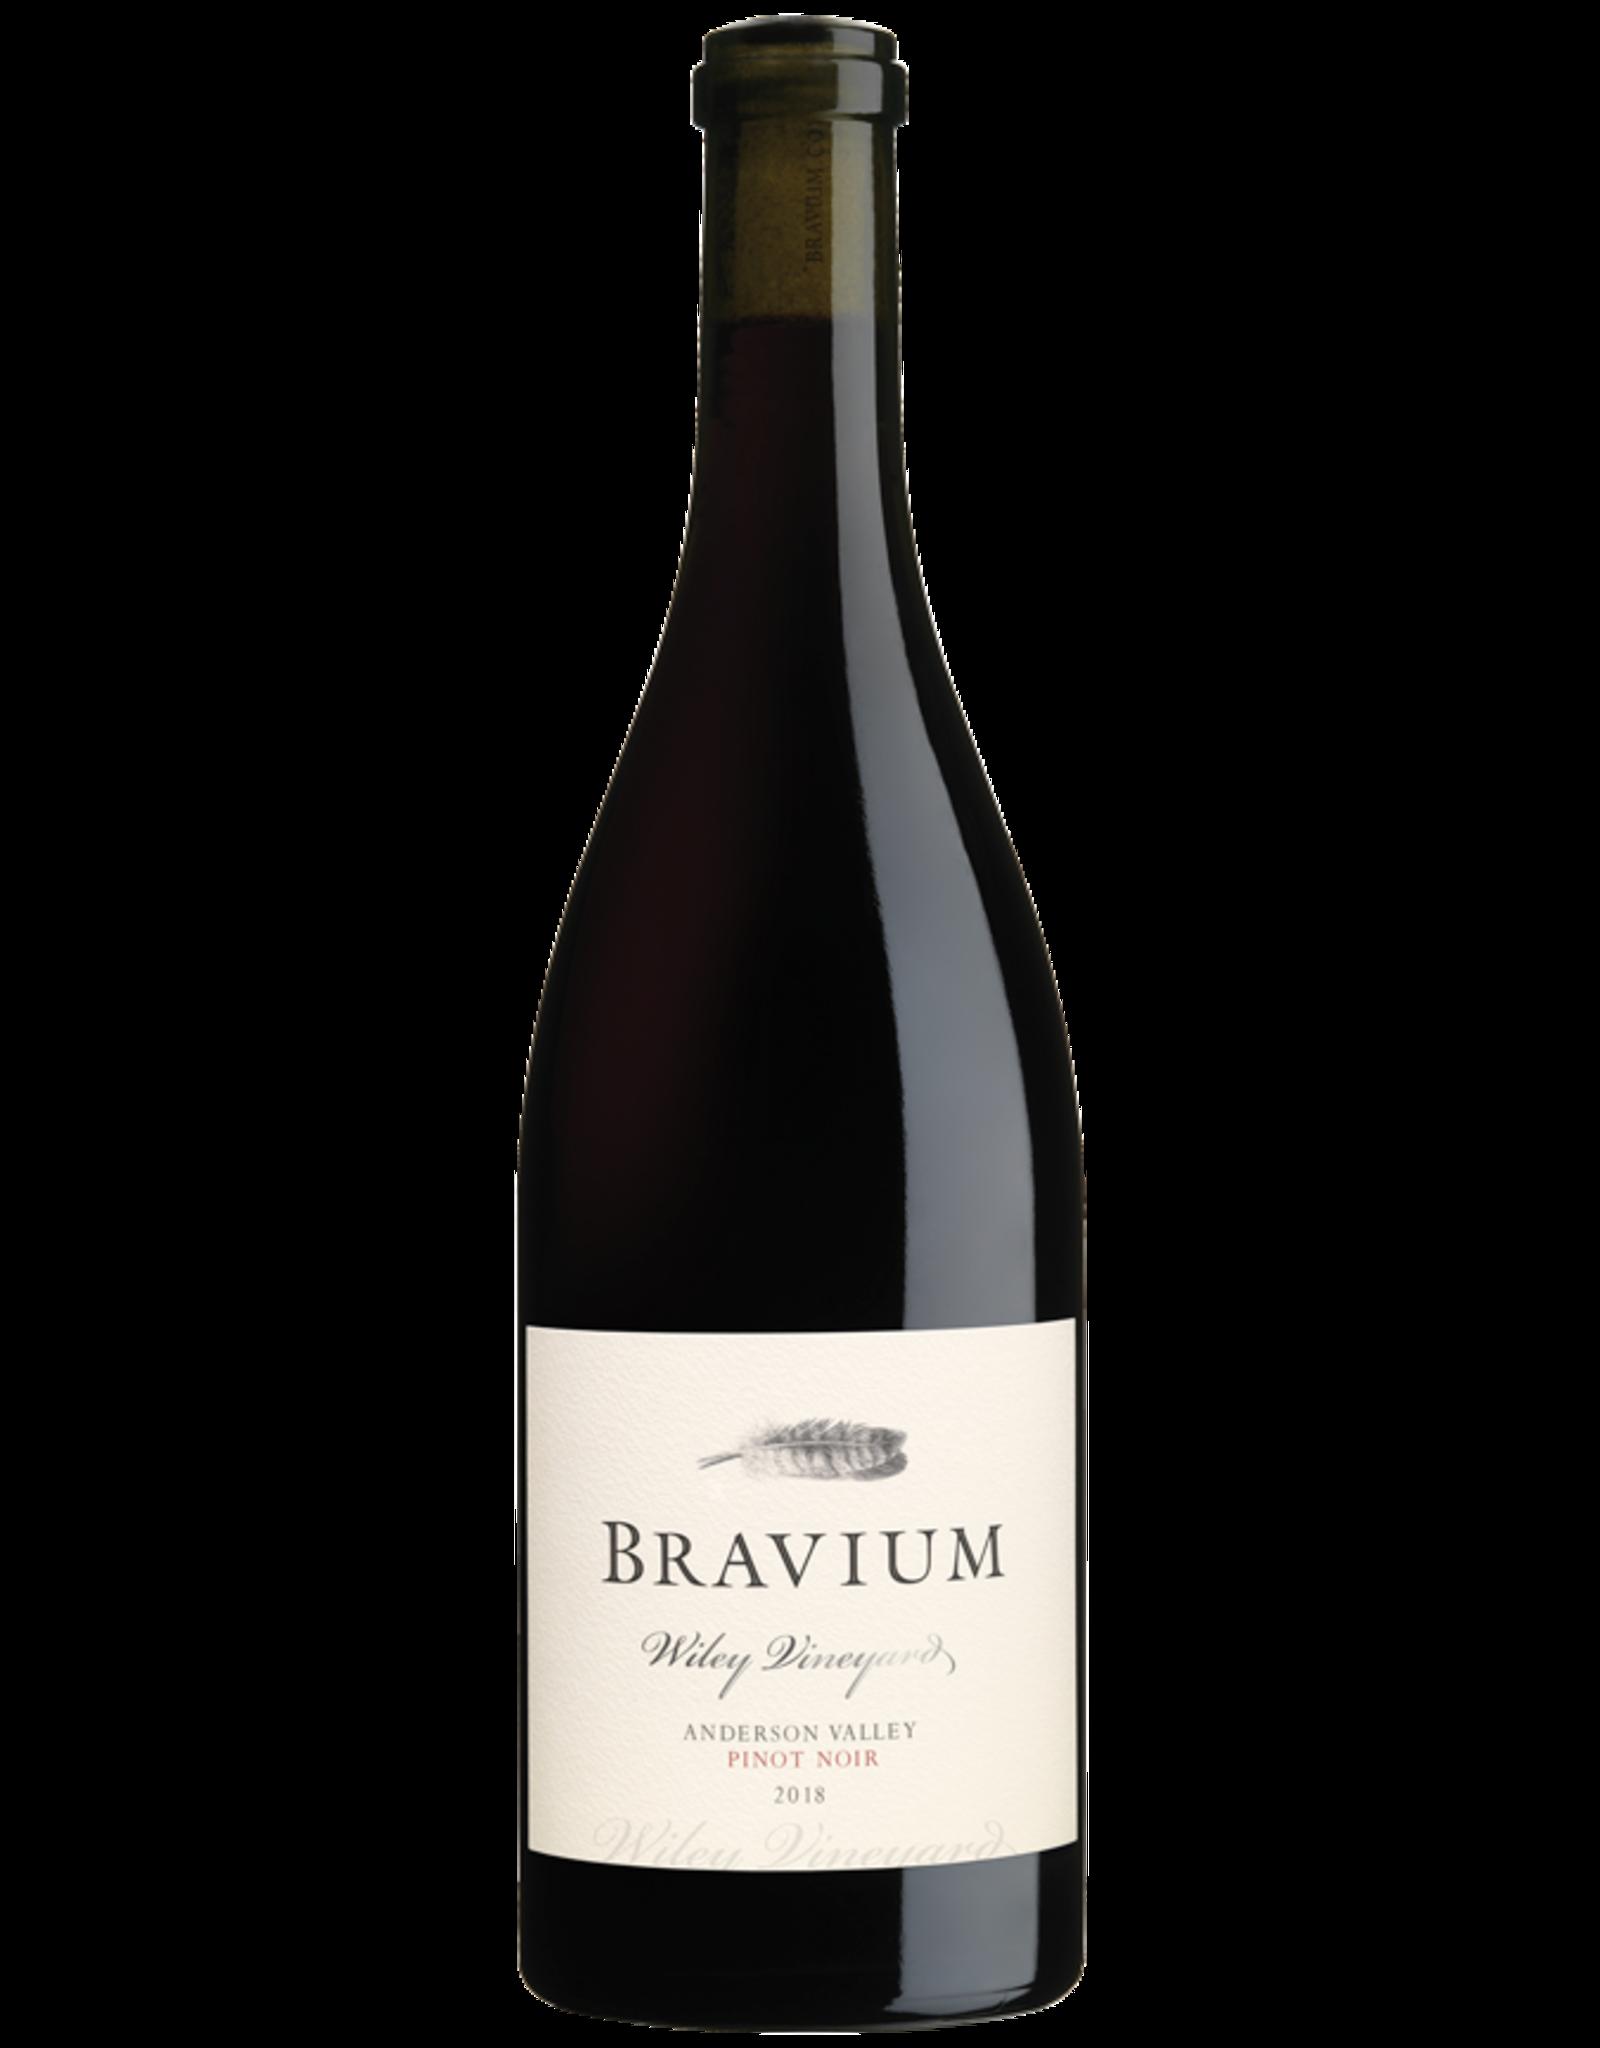 Bravium Bravium Wiley's Vineyard Pinot Noir, Anderson Valley 2018